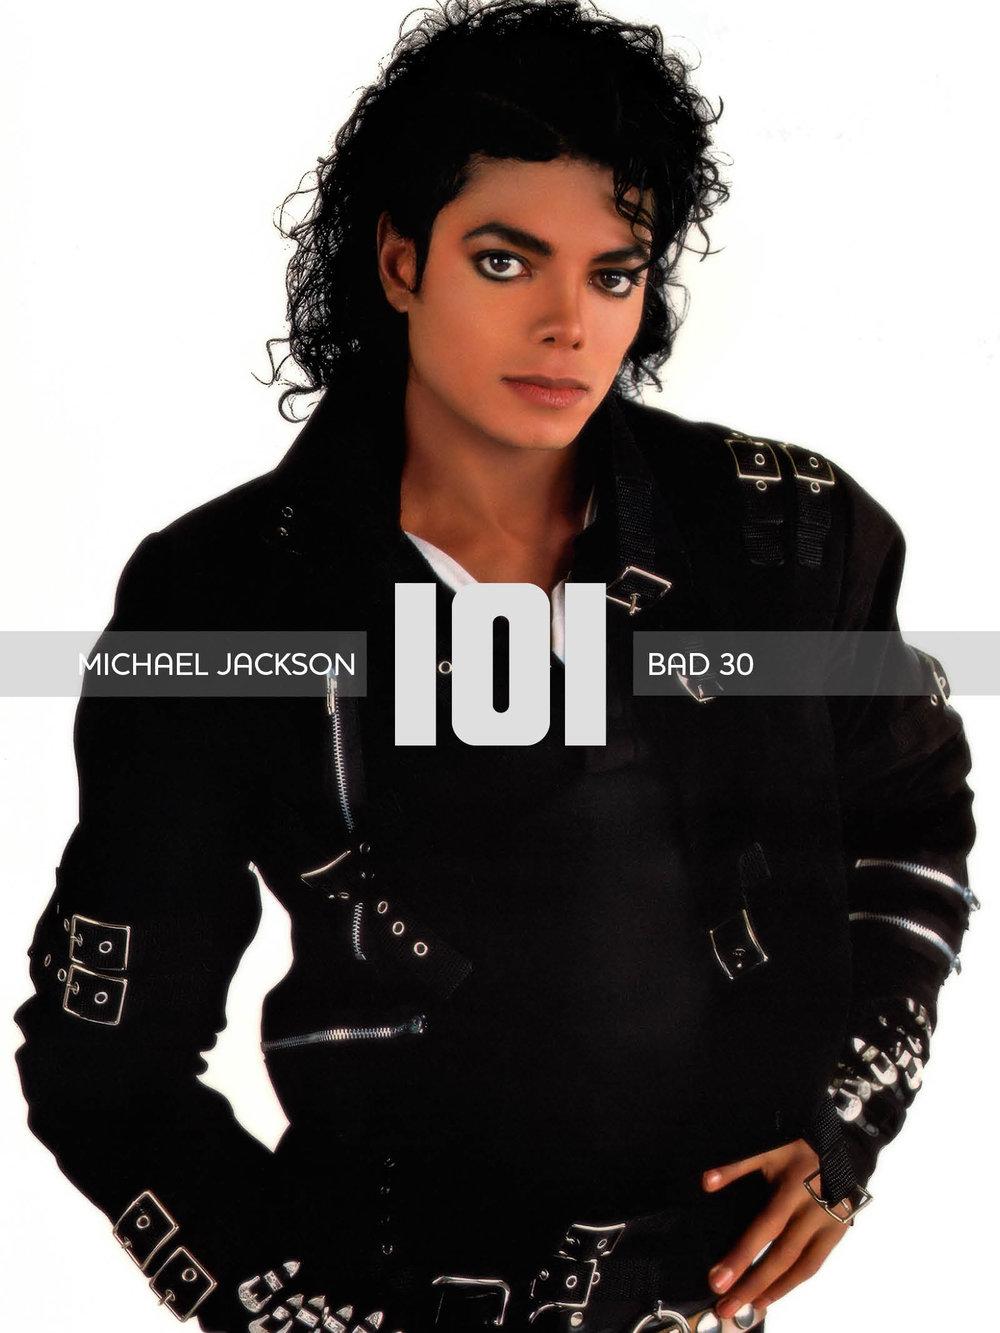 MJ101 Bad 30.jpg